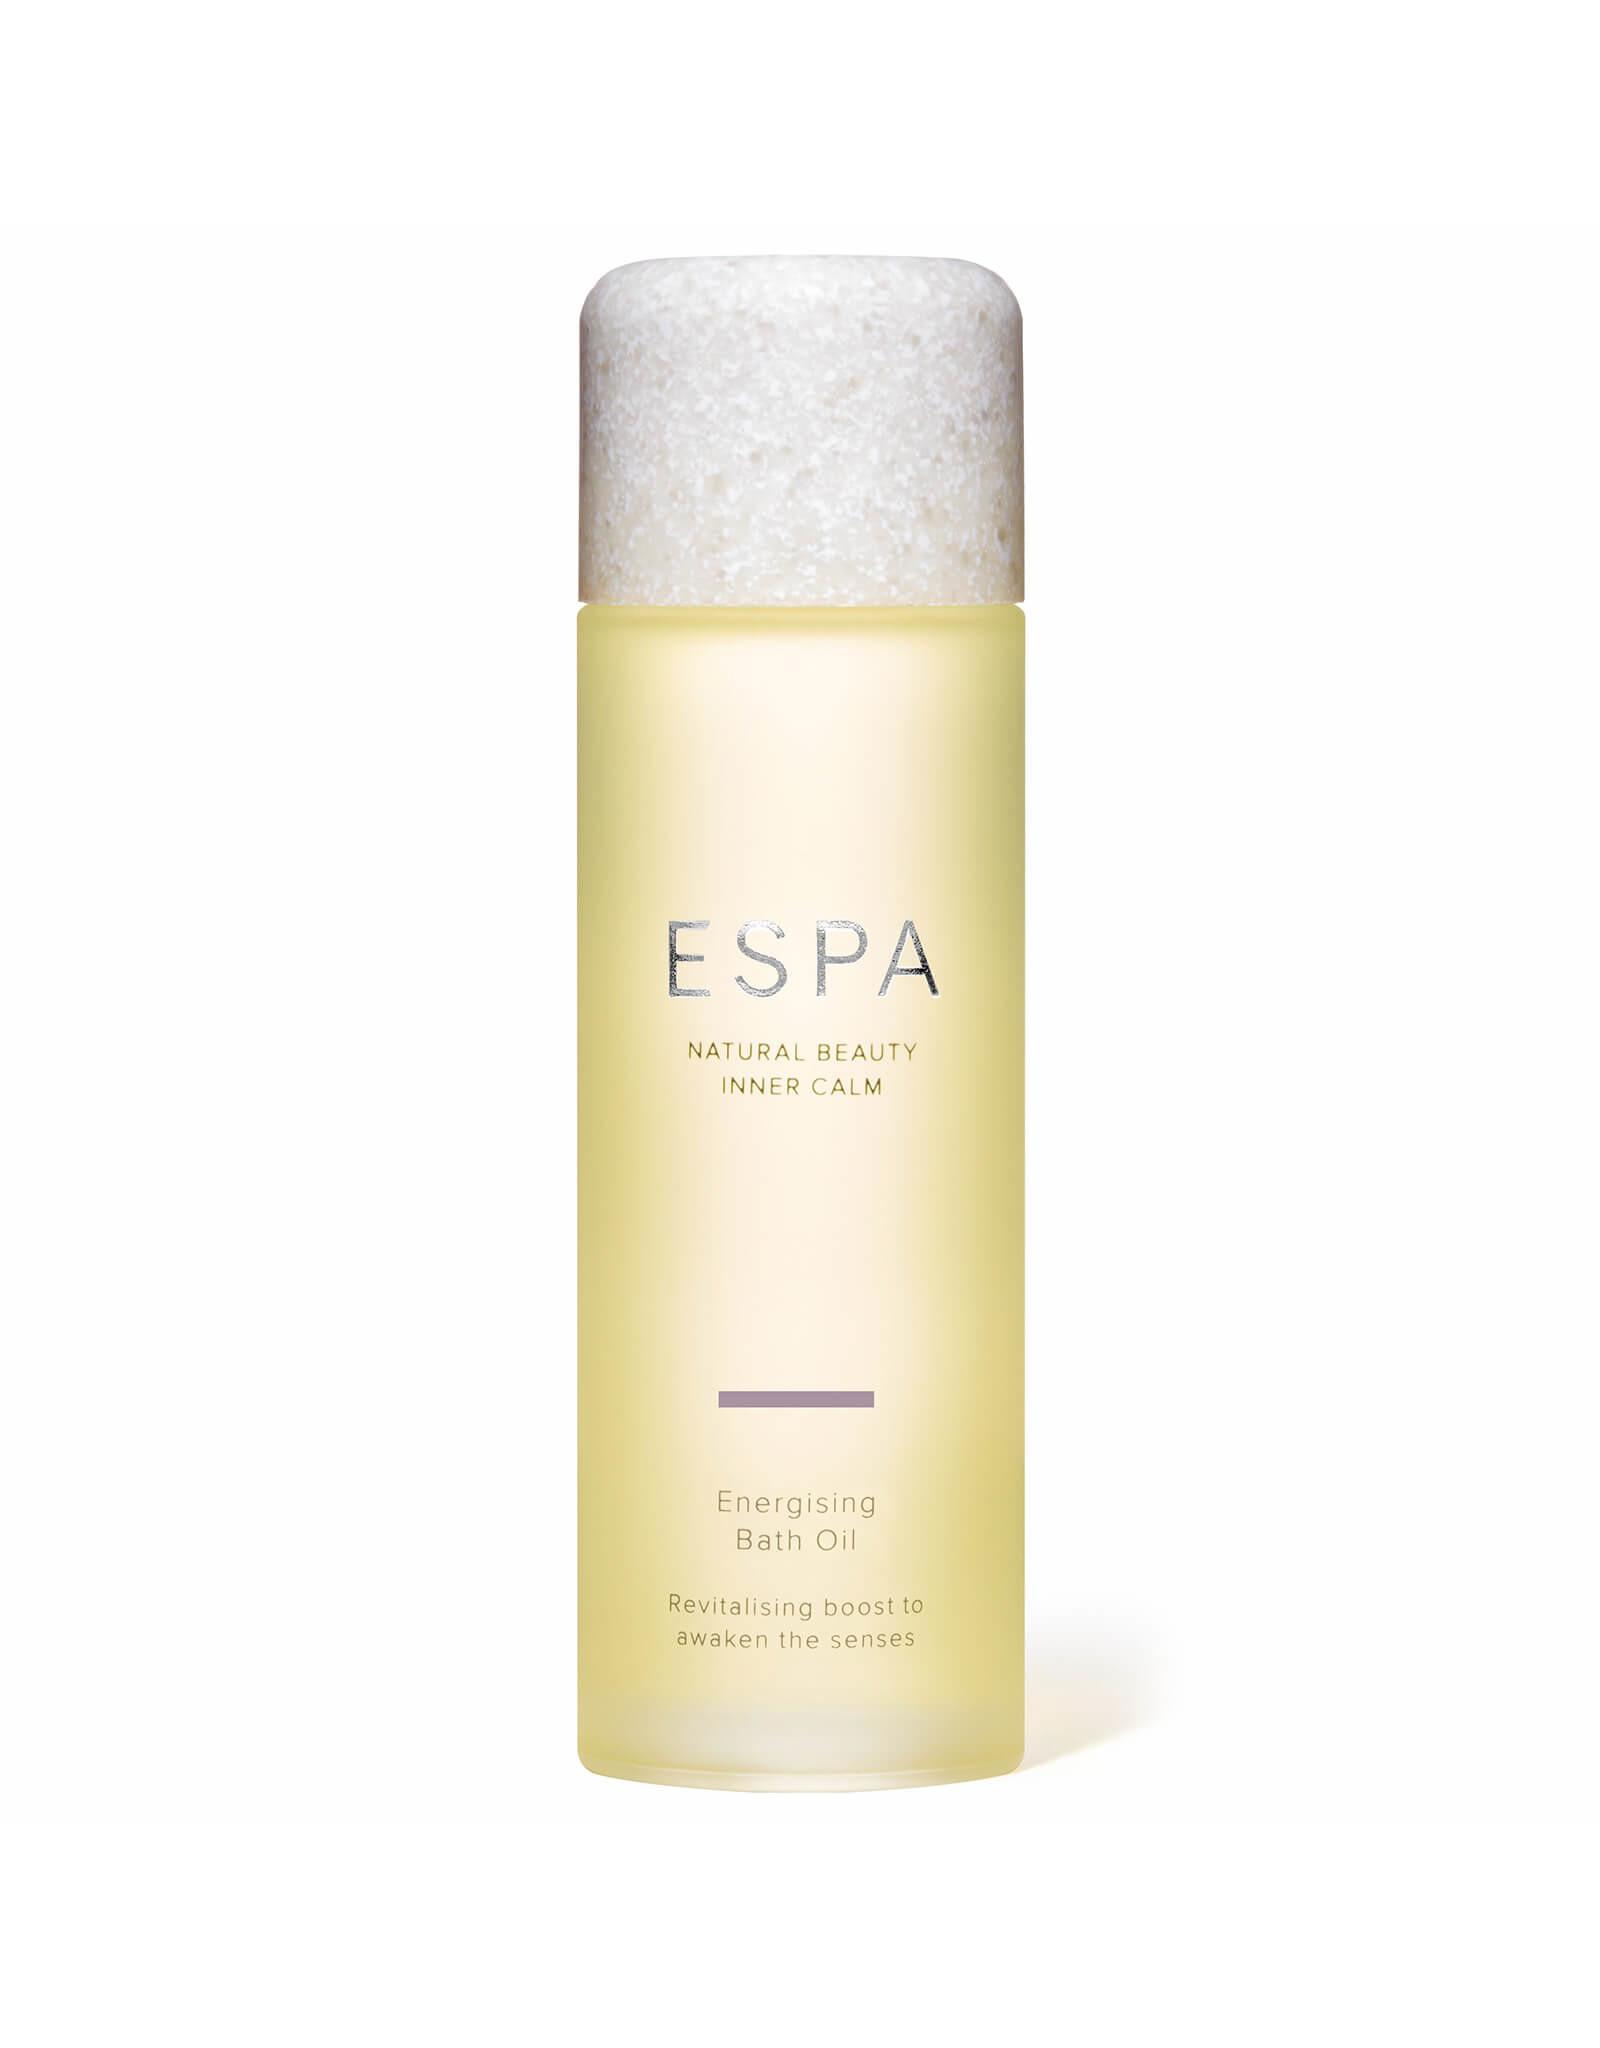 ESPA Energising Bath Oil